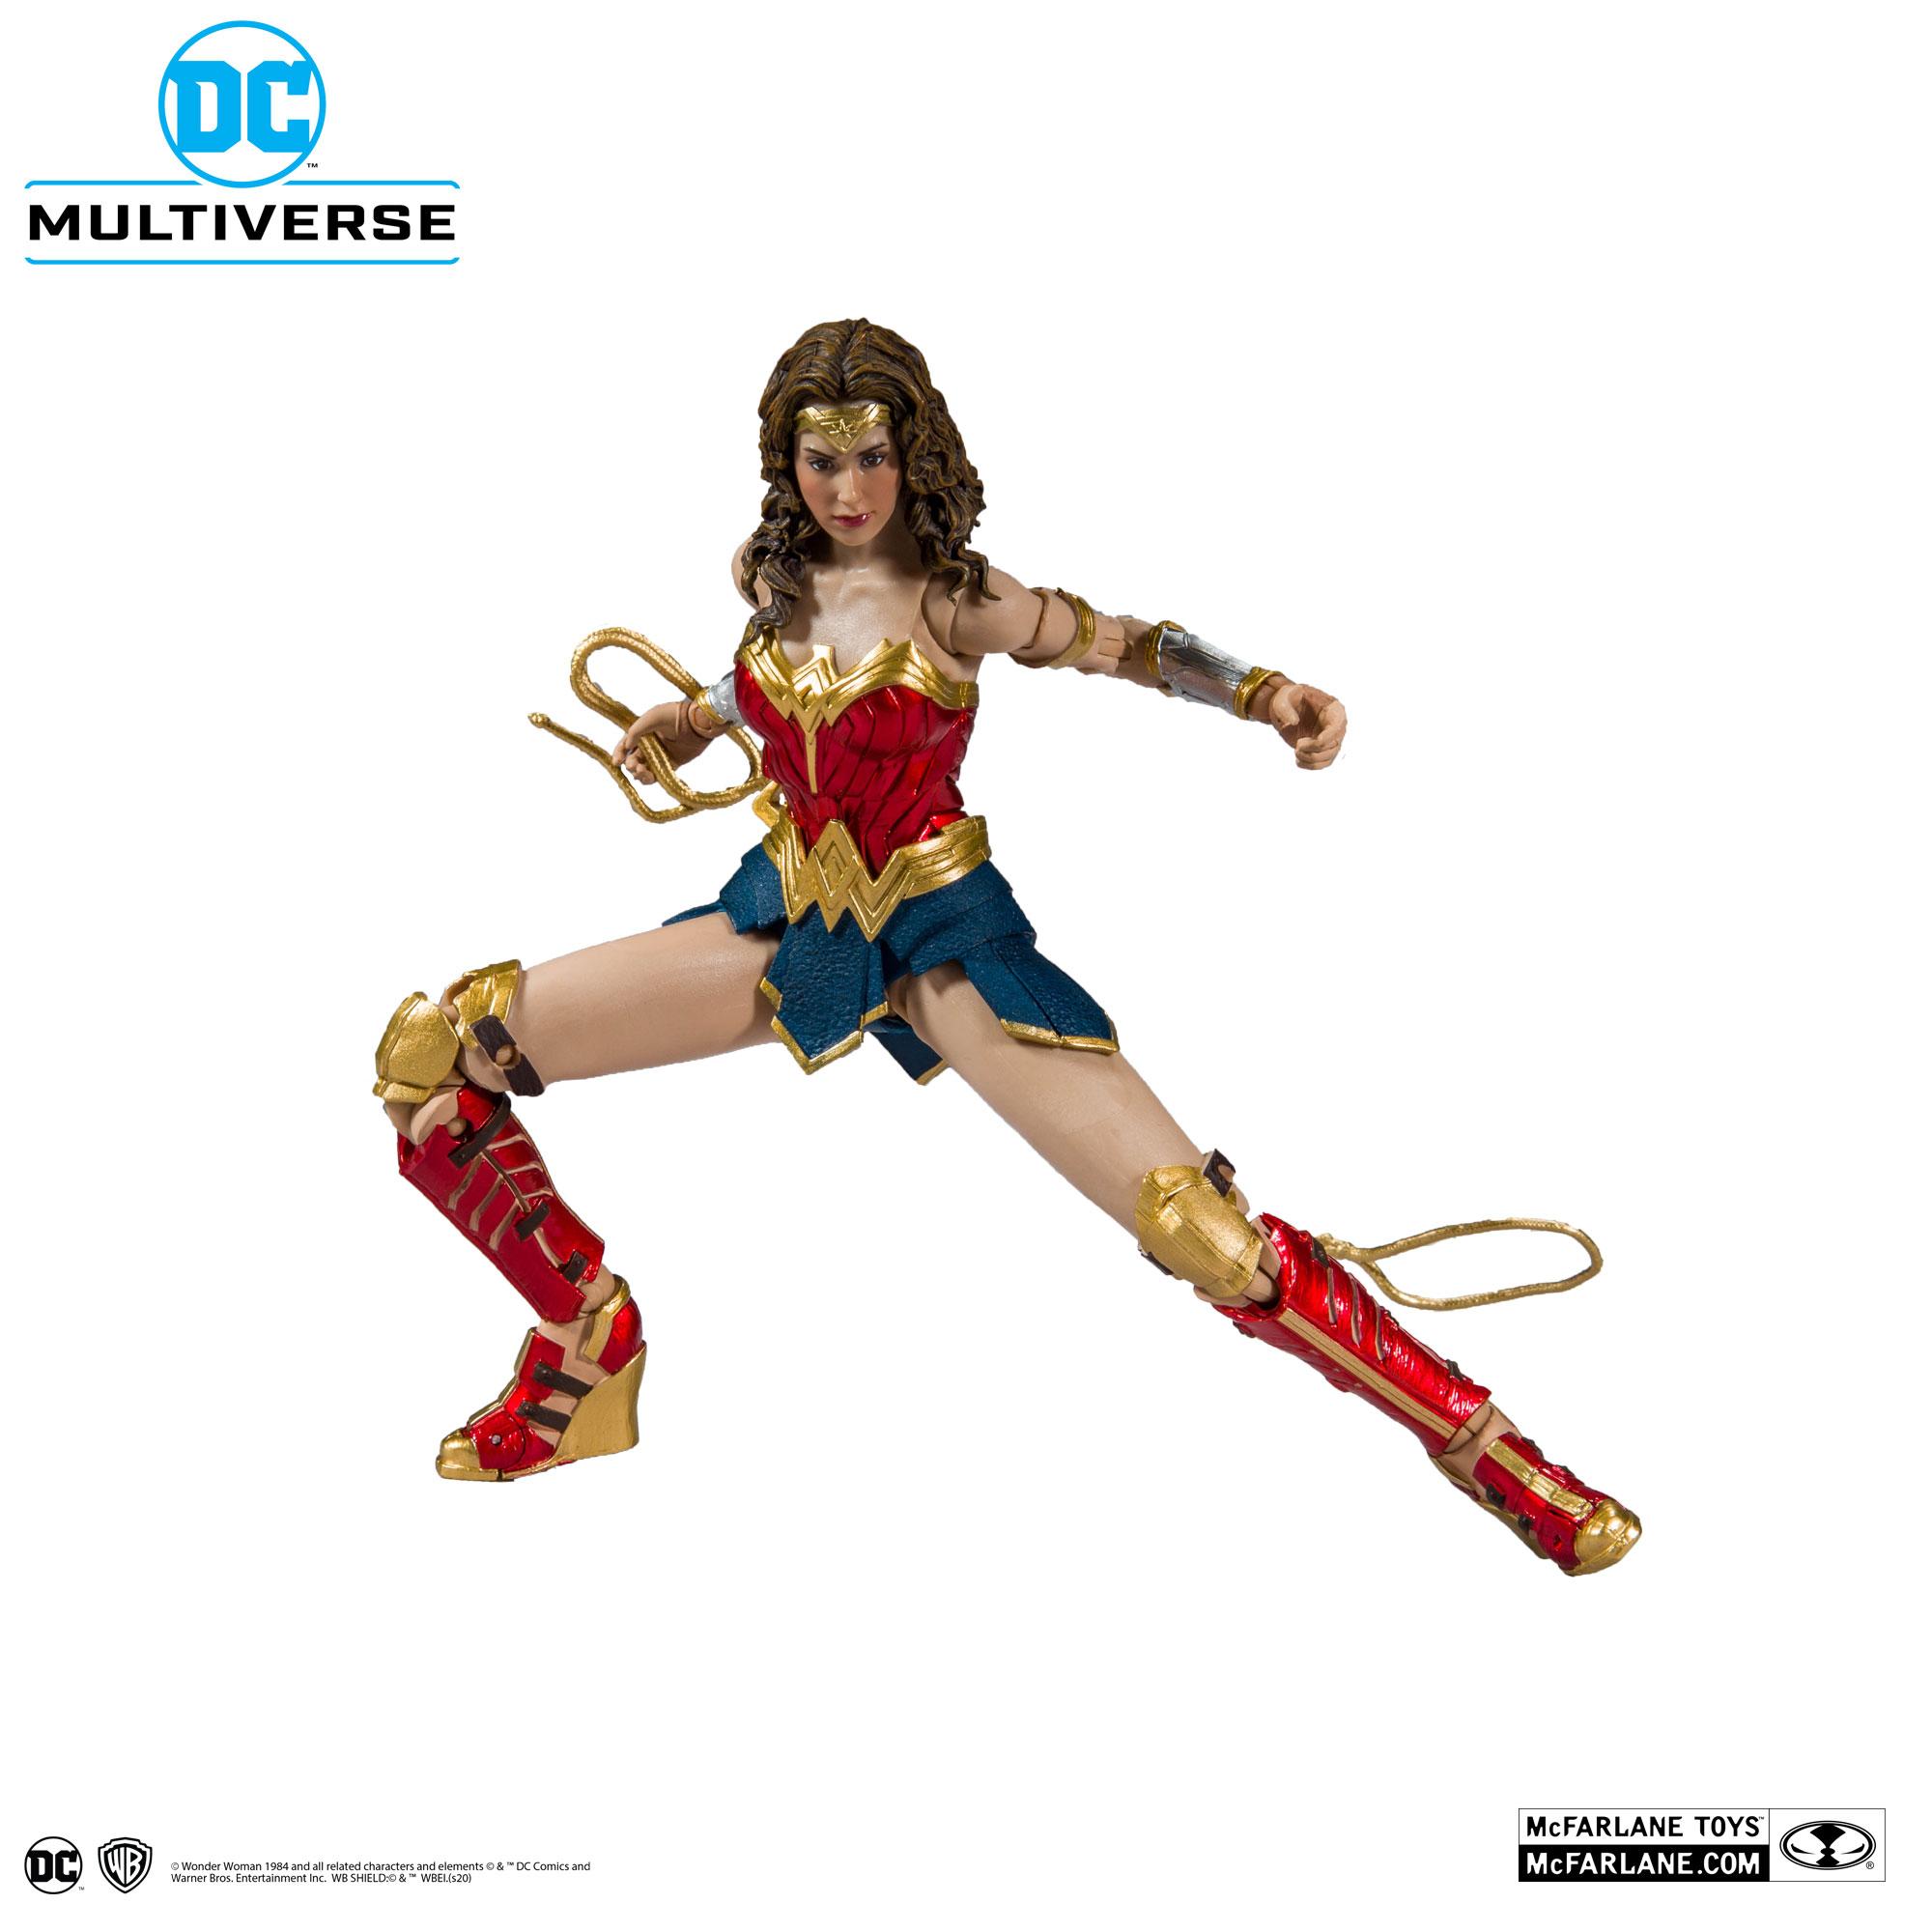 Wonder Woman 1984 Gal Gadot McFarlane Toys